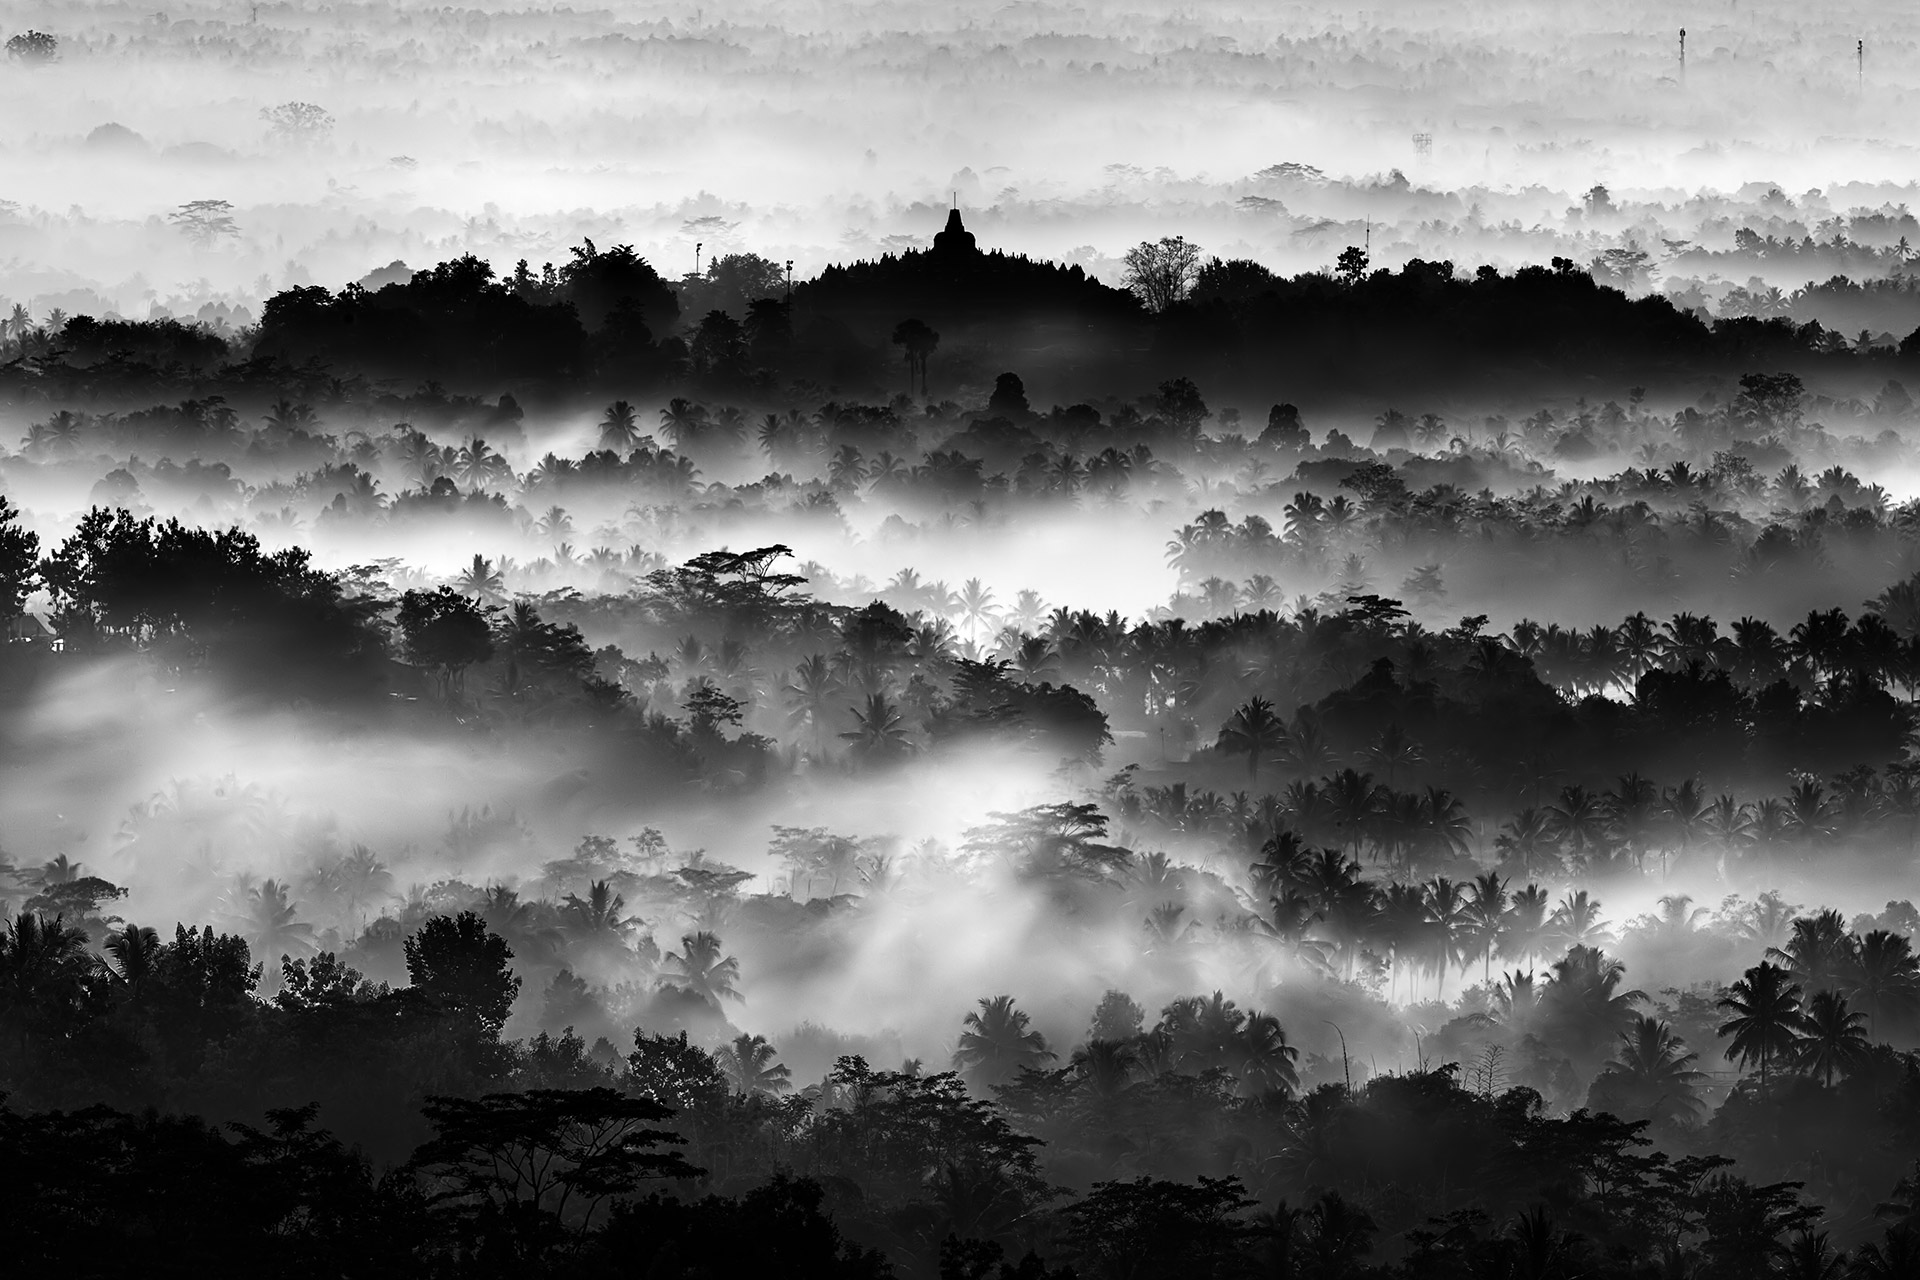 Ханди Лаксоно / Handi Laksono, Индонезия, Главный приз, Фотоконкурс «Лучшая природная фотография Азии» — Nature's Best Photography Asia